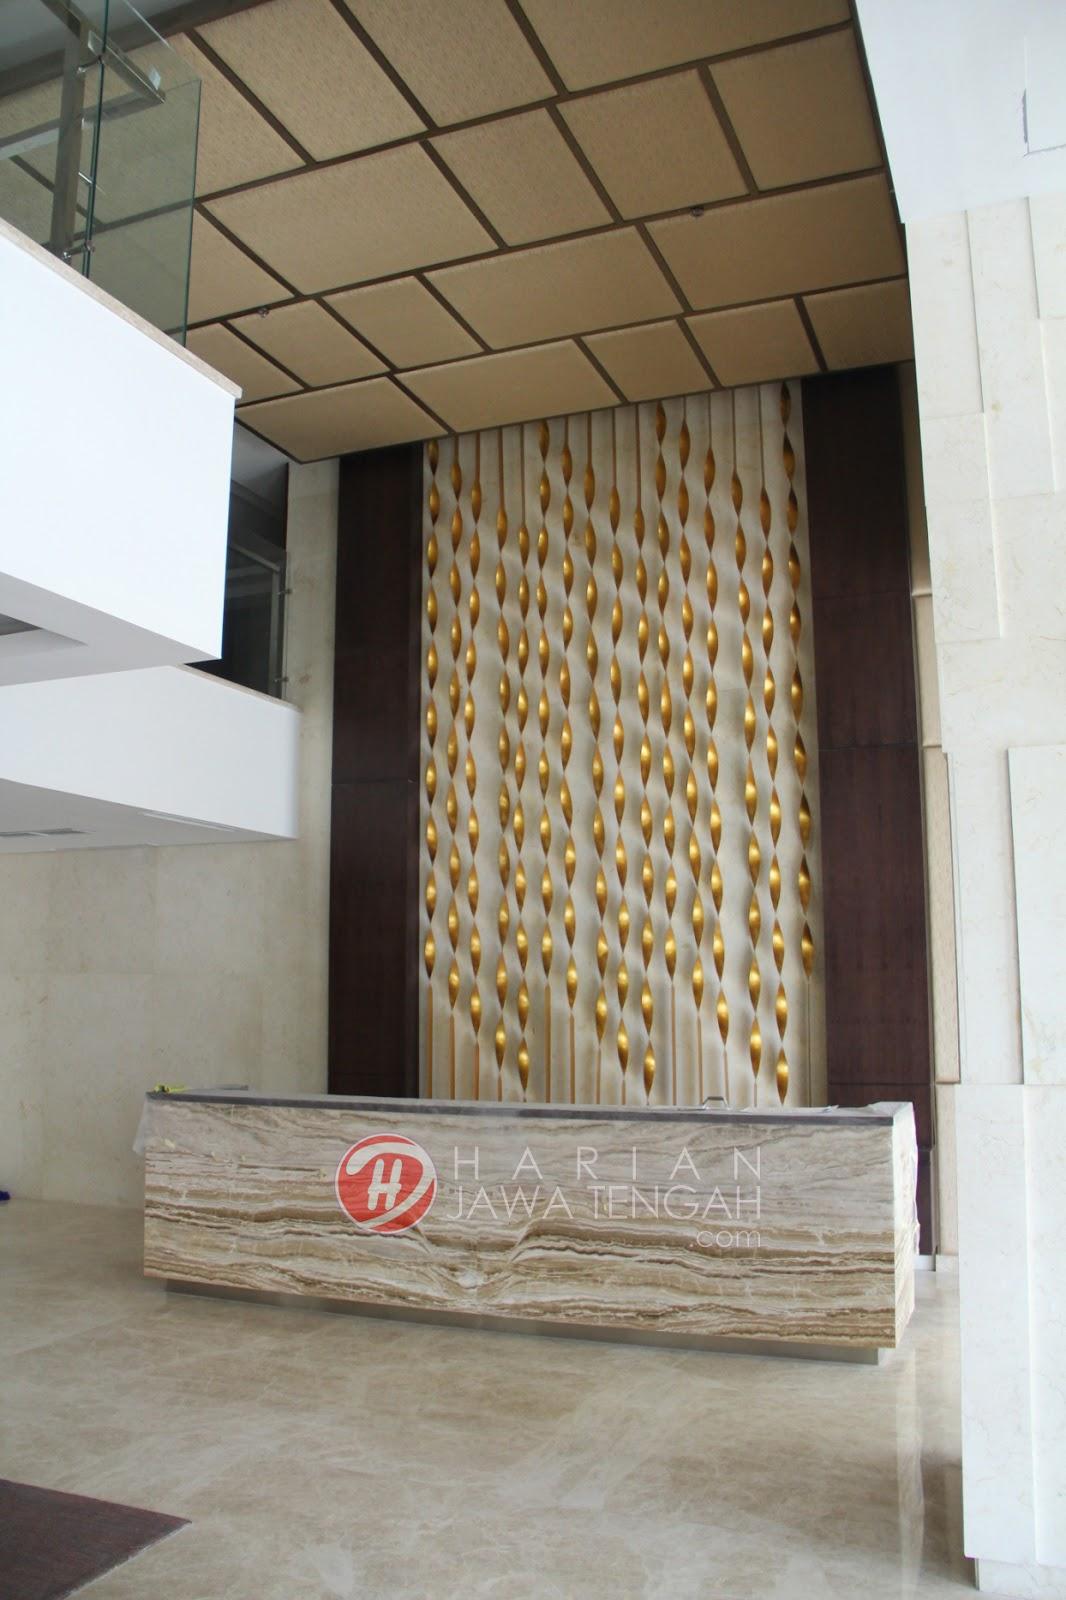 Apartemen Louis Kienne Semarang Harian Jateng Voucher Hotel Simpang 5 View Lima Dan Kota Layanan Kamar Parkir Gratis Transportasi Bandara Sarapan Lain Sebagainya Tarif